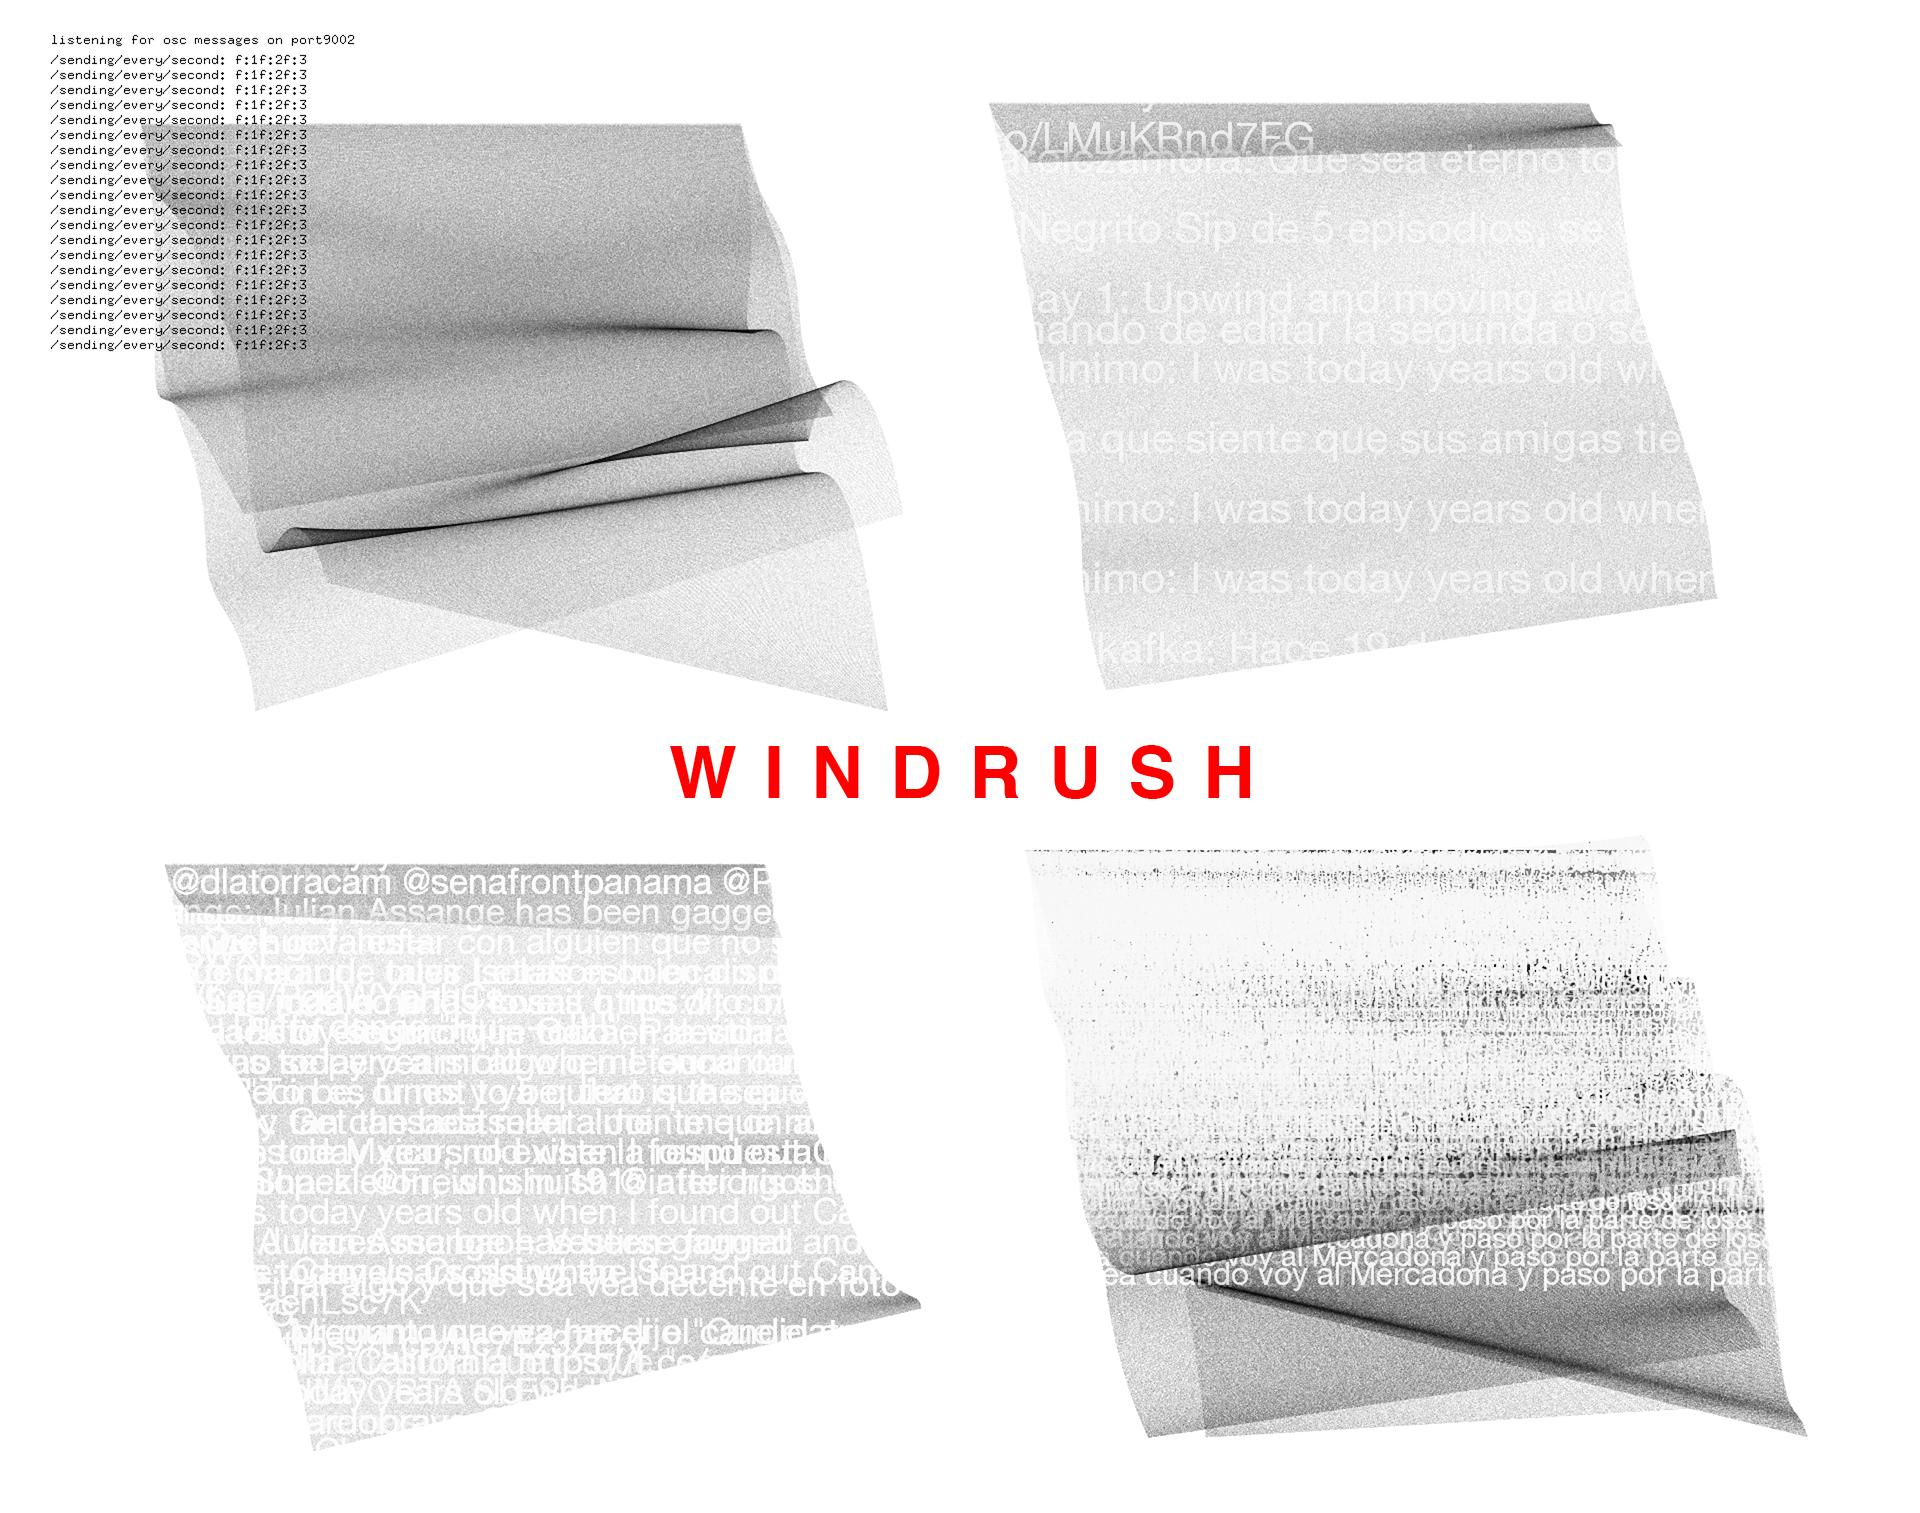 windrush_img1